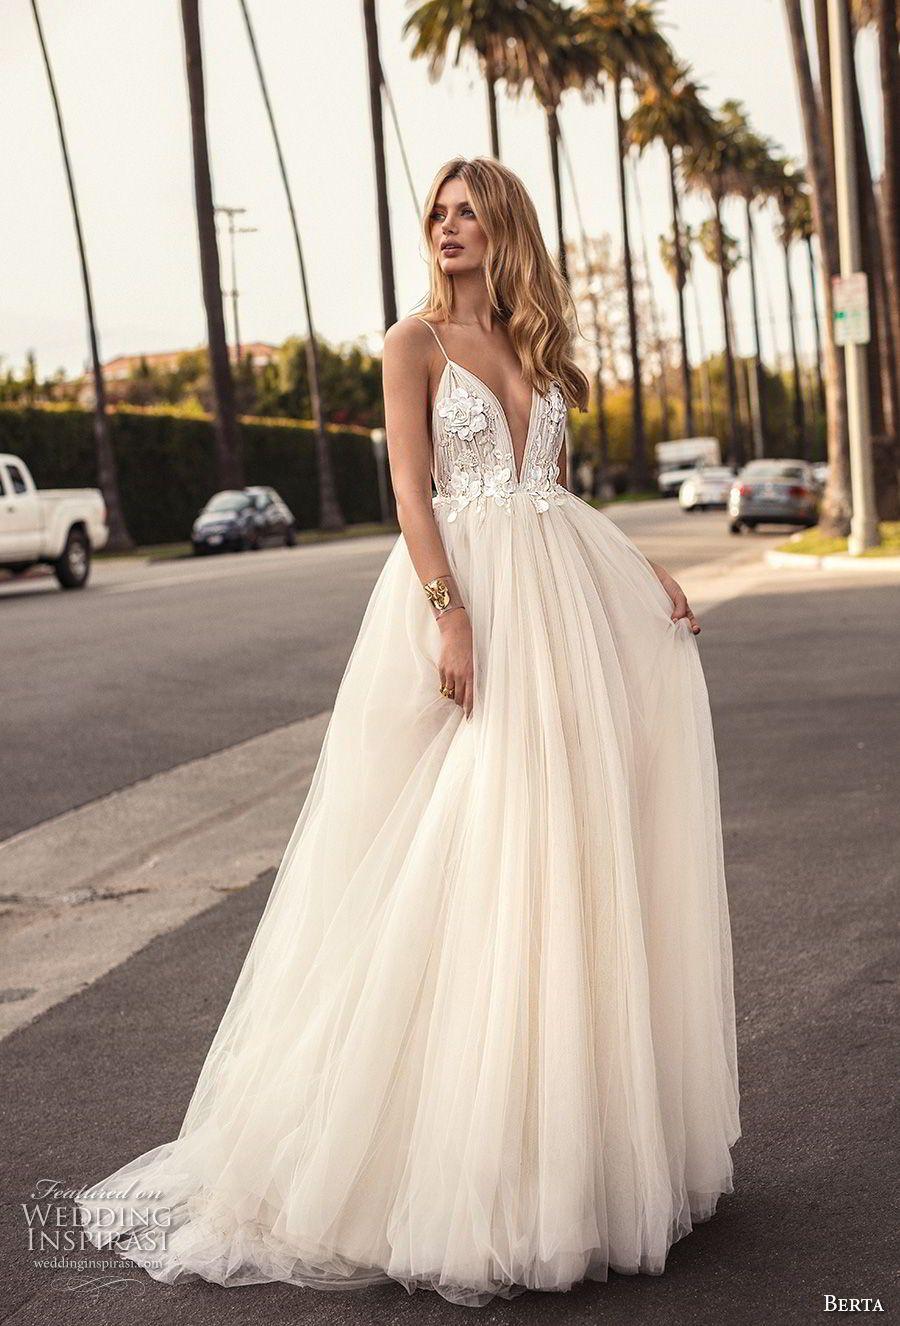 Muse von Berta 15 Brautkleider  Dream wedding dresses, Backless